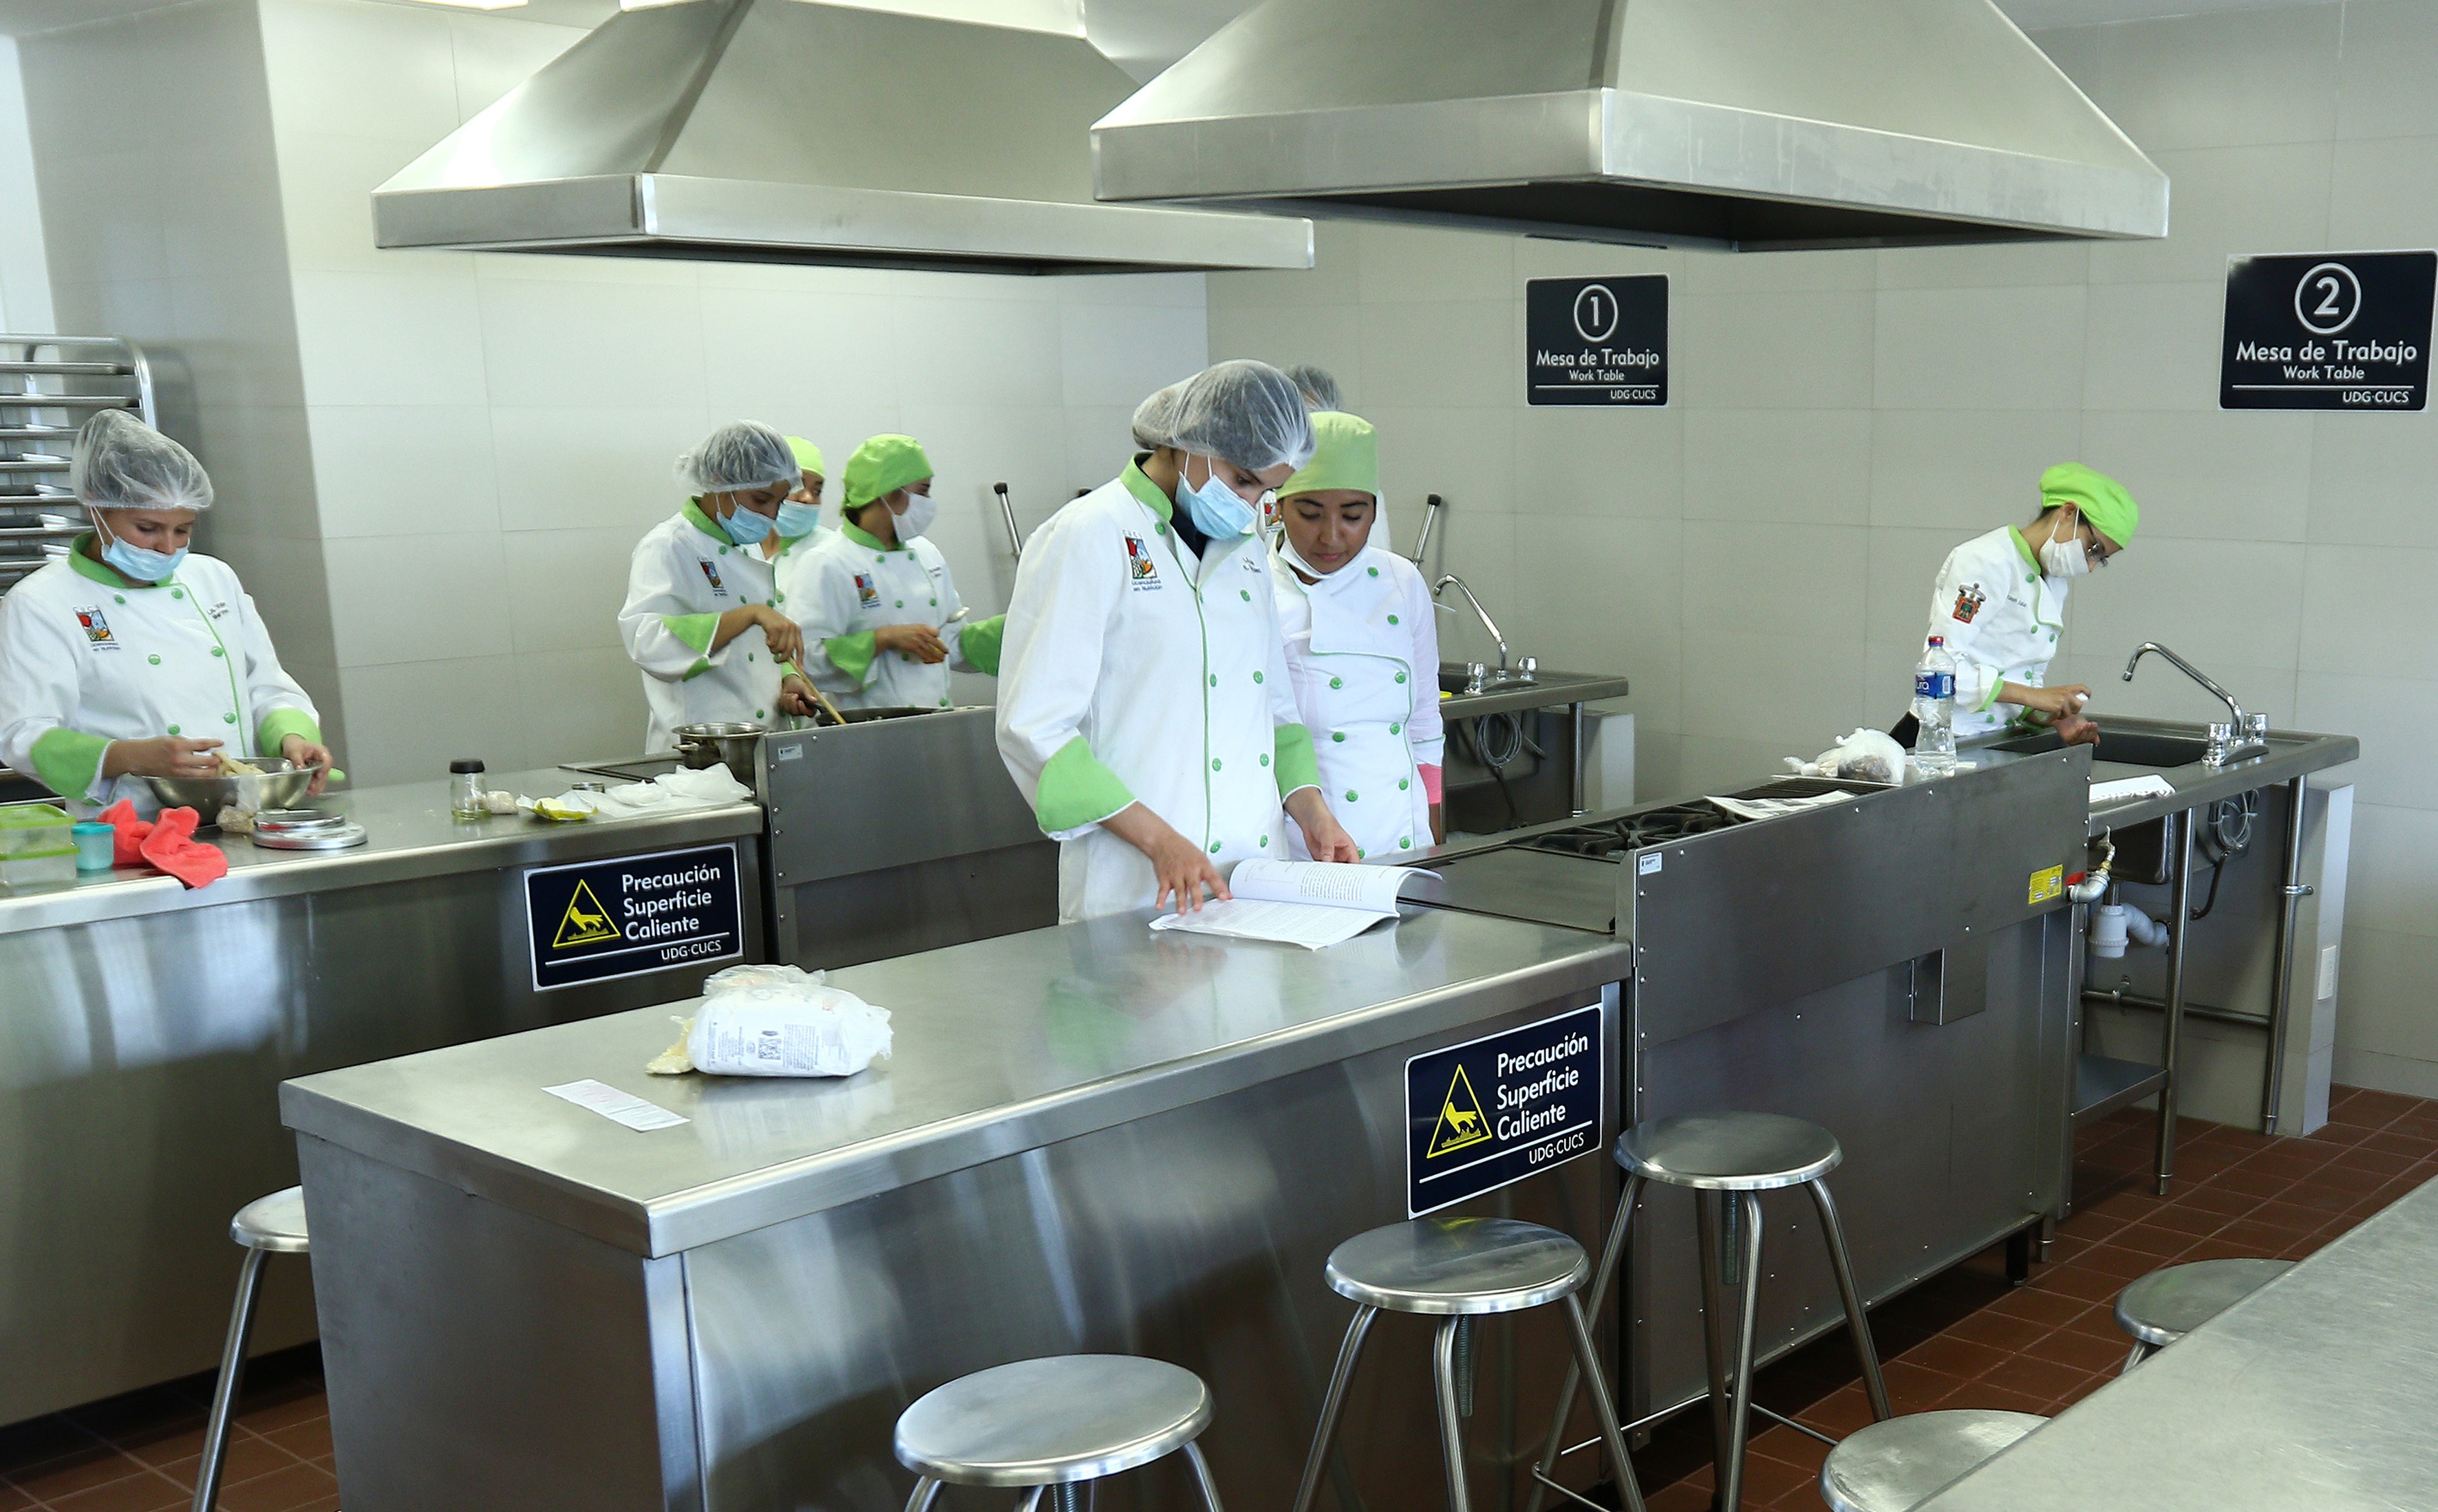 Nutriólogos en el laboratorio de alimentos